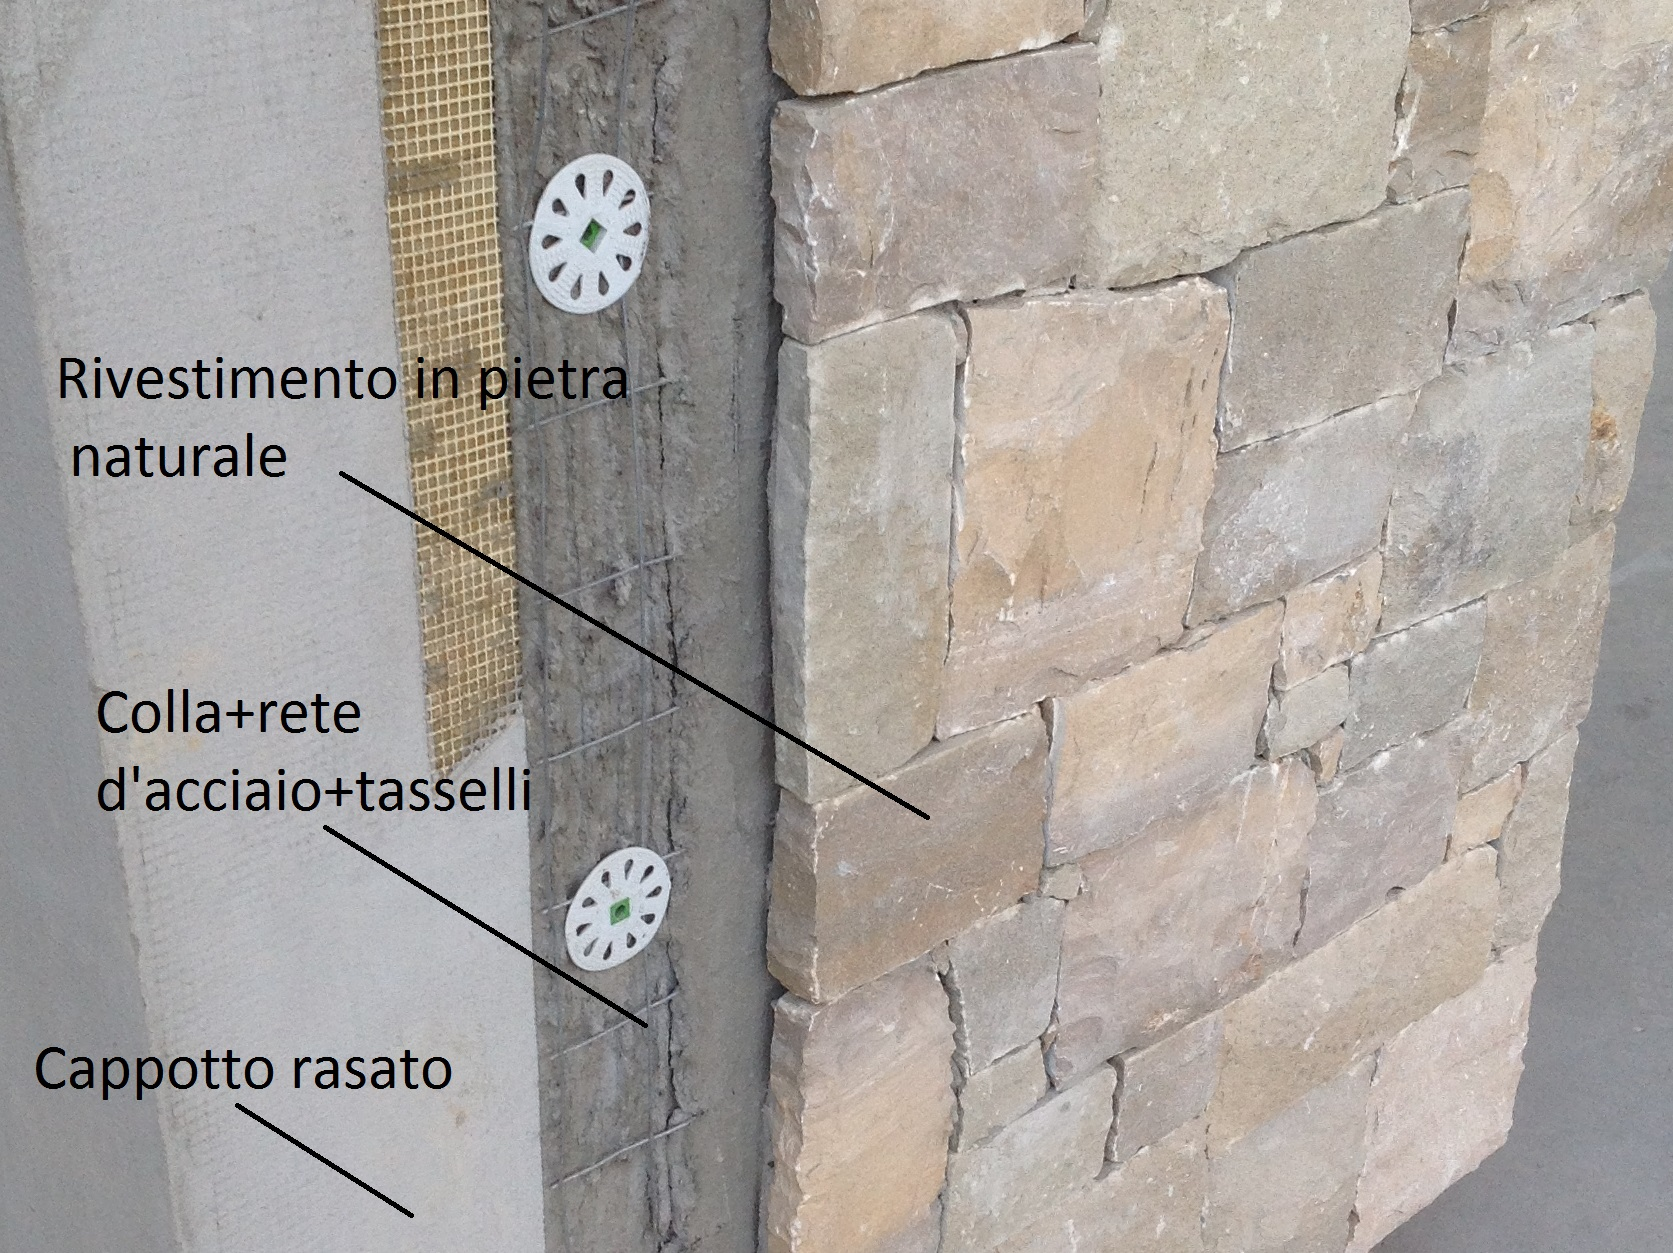 Rivestimento Esterno In Pietra Naturale : Rivestire cappotto con pietra rivestimento cappotto esterno